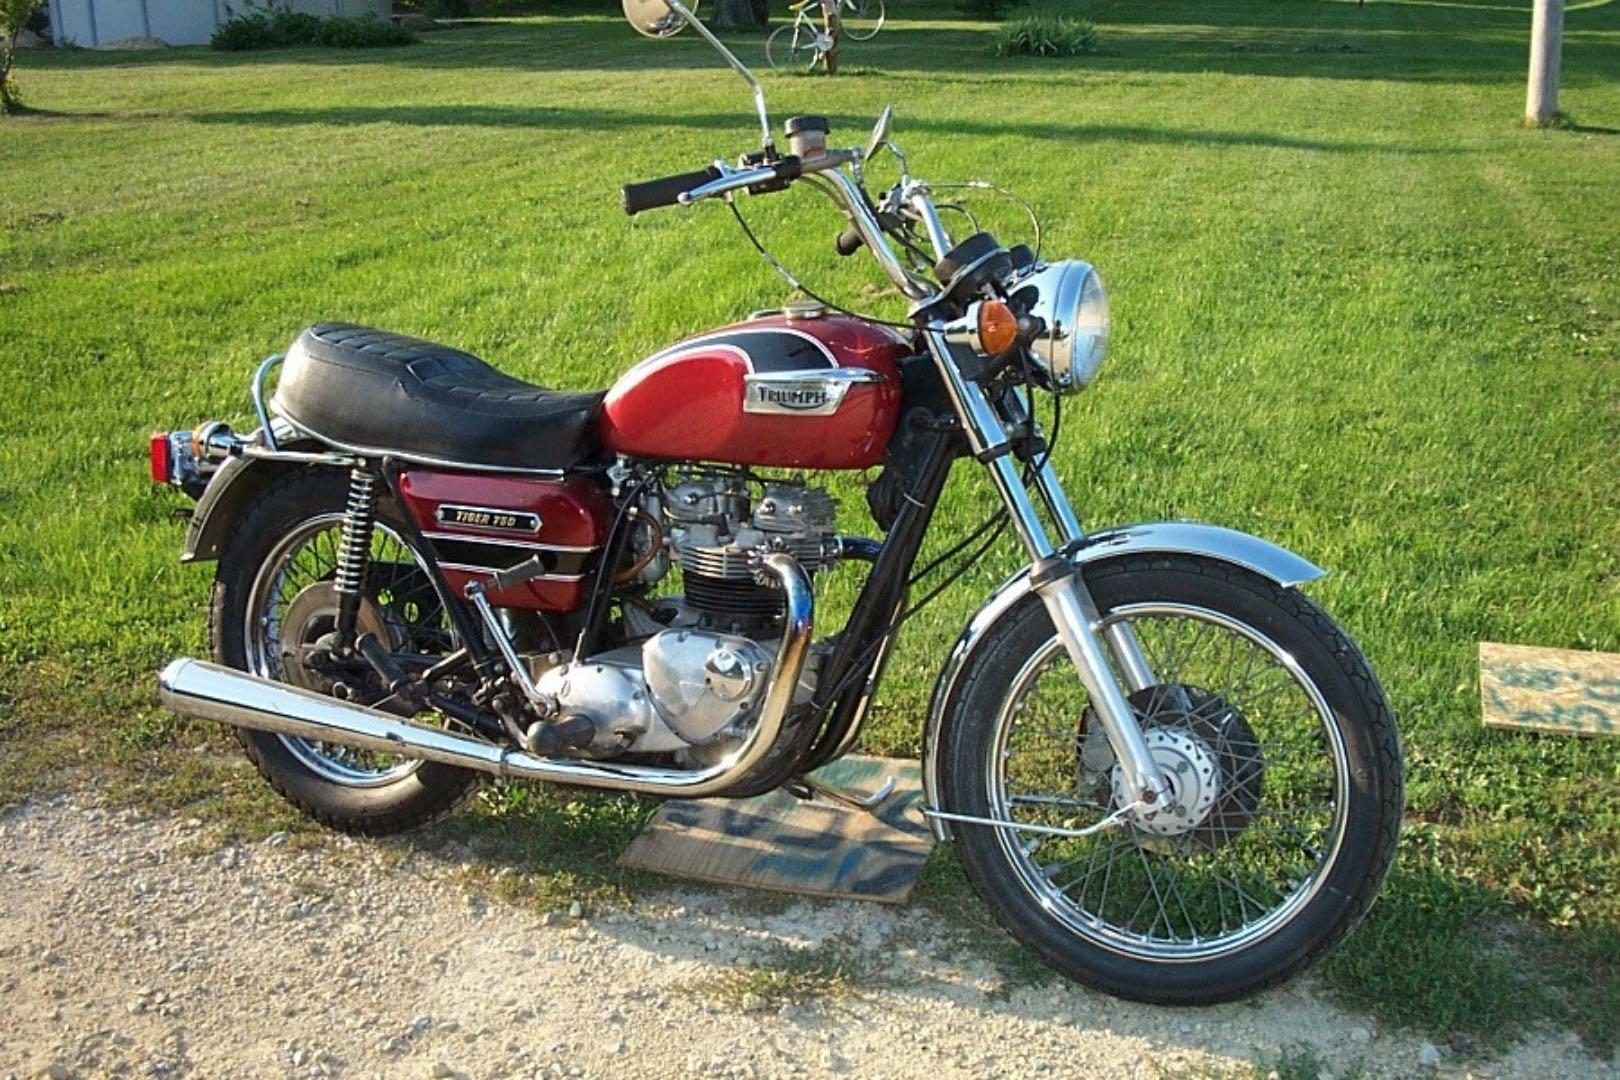 1978 TRIUMPH TIGER 750